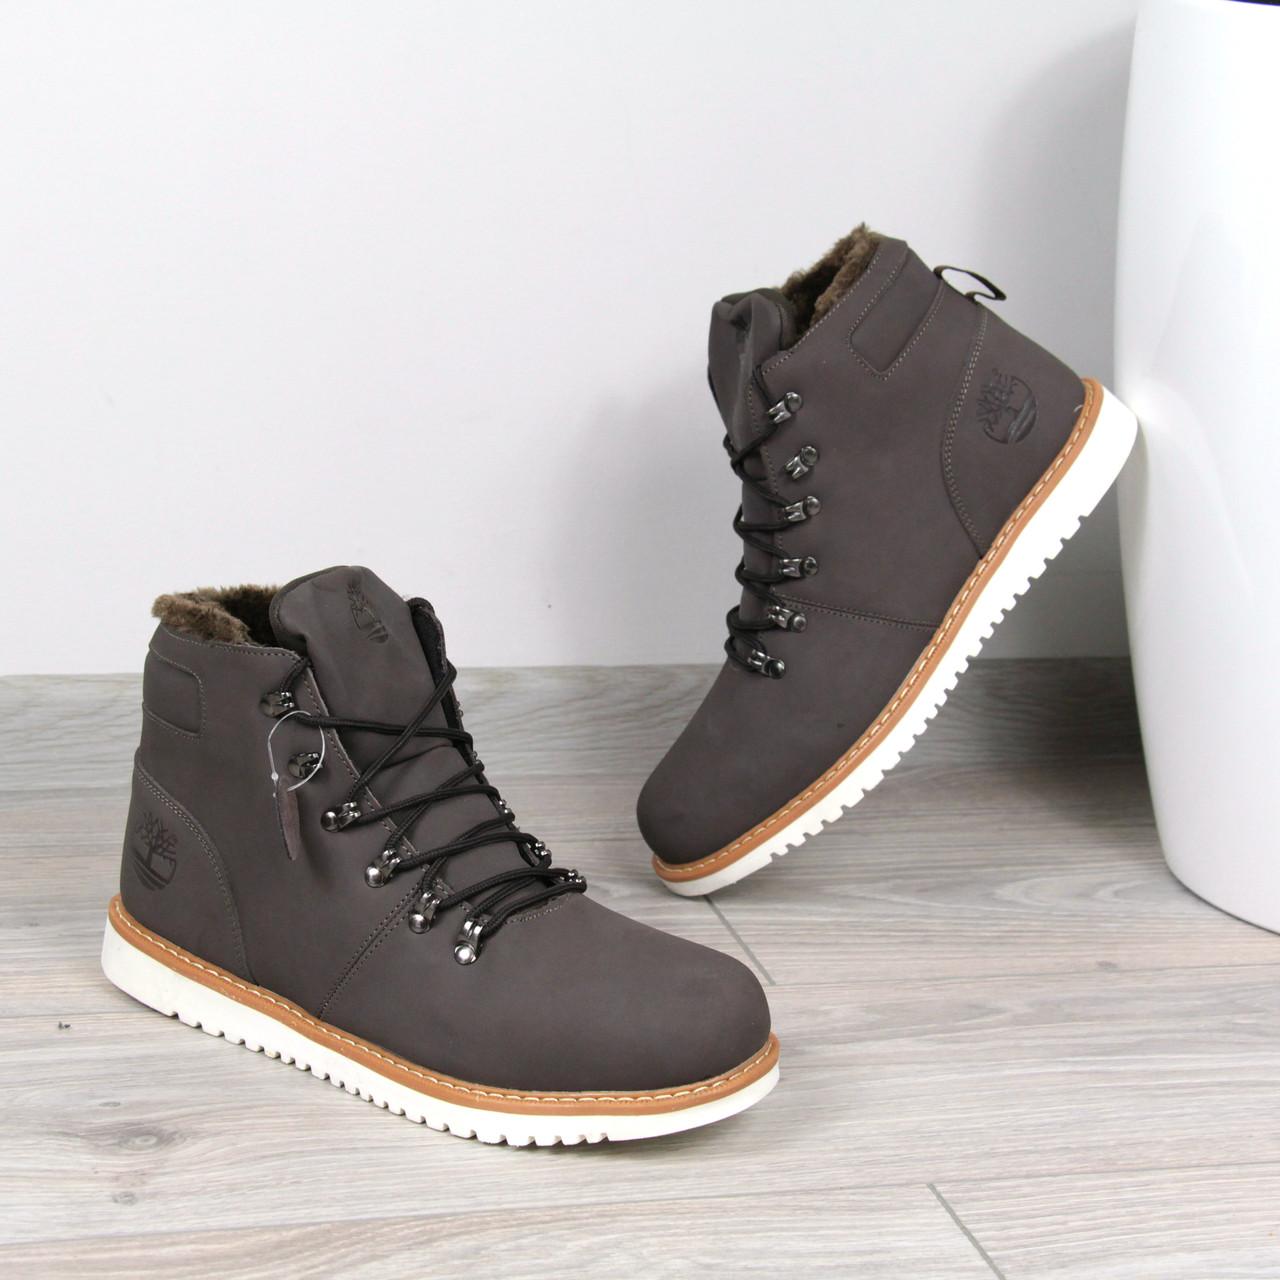 72c15773 Ботинки Мужские зимние Timberland коричневые мех, зимняя обувь, ...